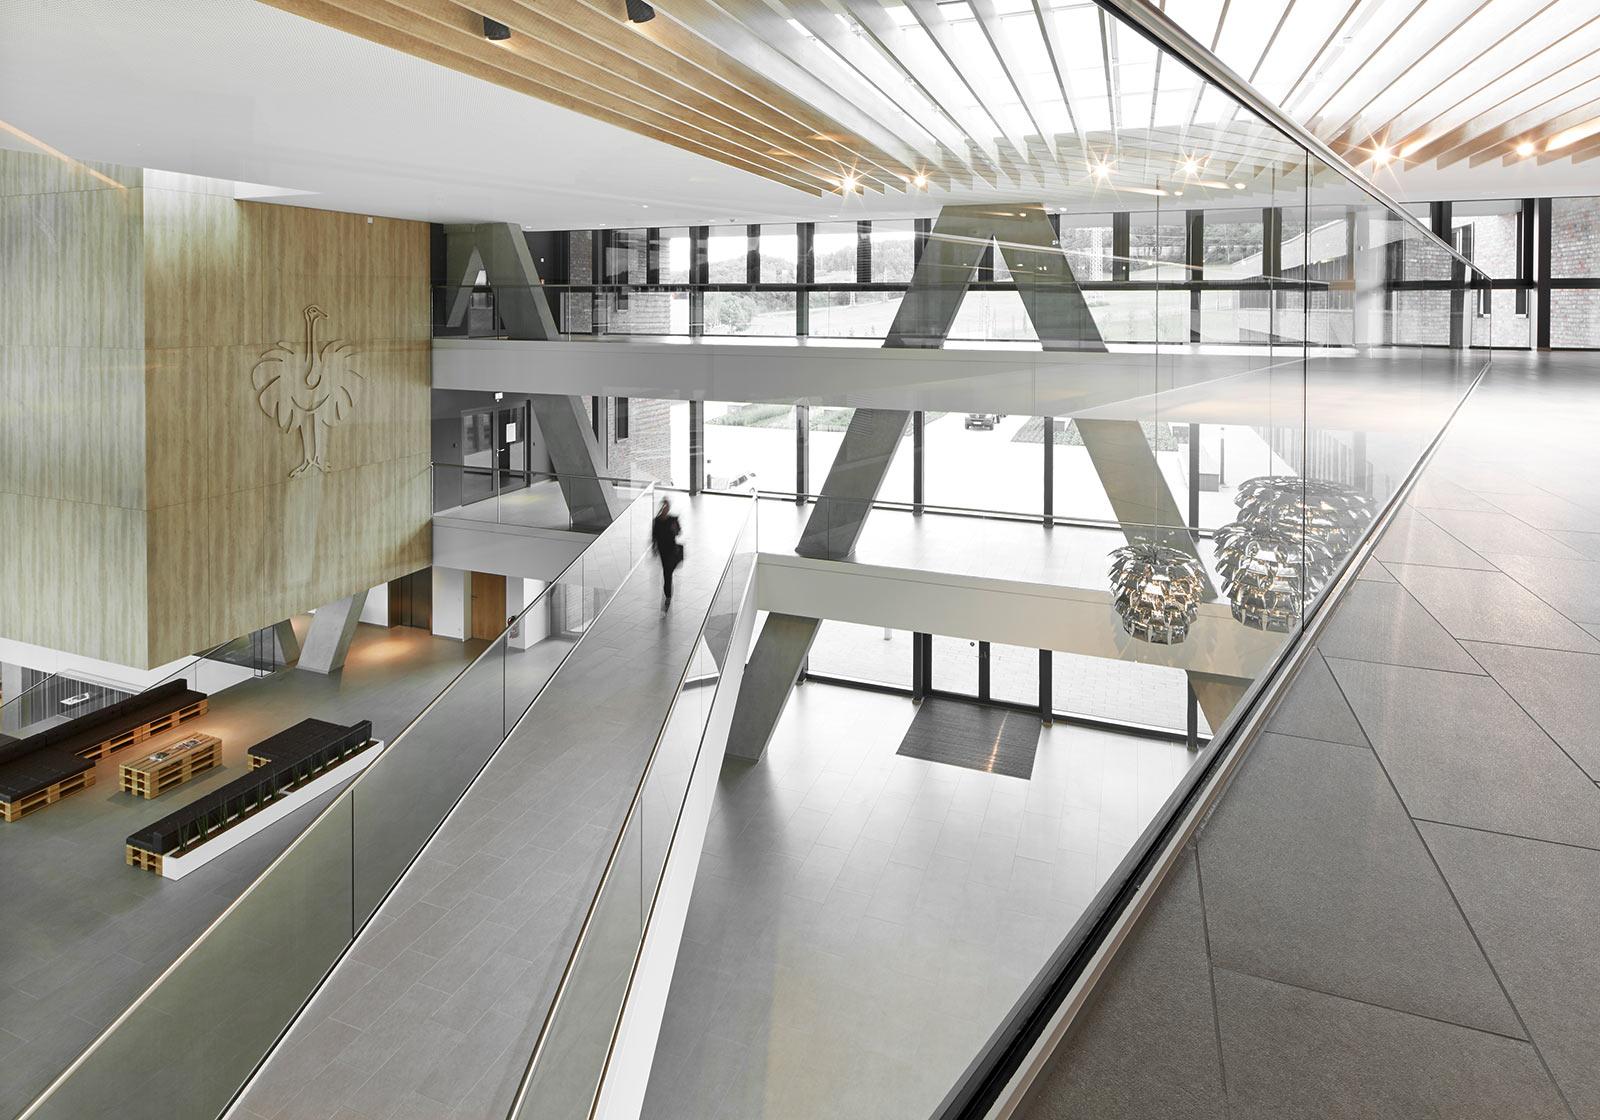 Das sichtbare Haupttragewerk ragt über 4 Ebenen. Glas, Holz und Sichtbeton unterstreichen den offenen, markanten Eindruck des Foyers. Foto: ATP/Becker